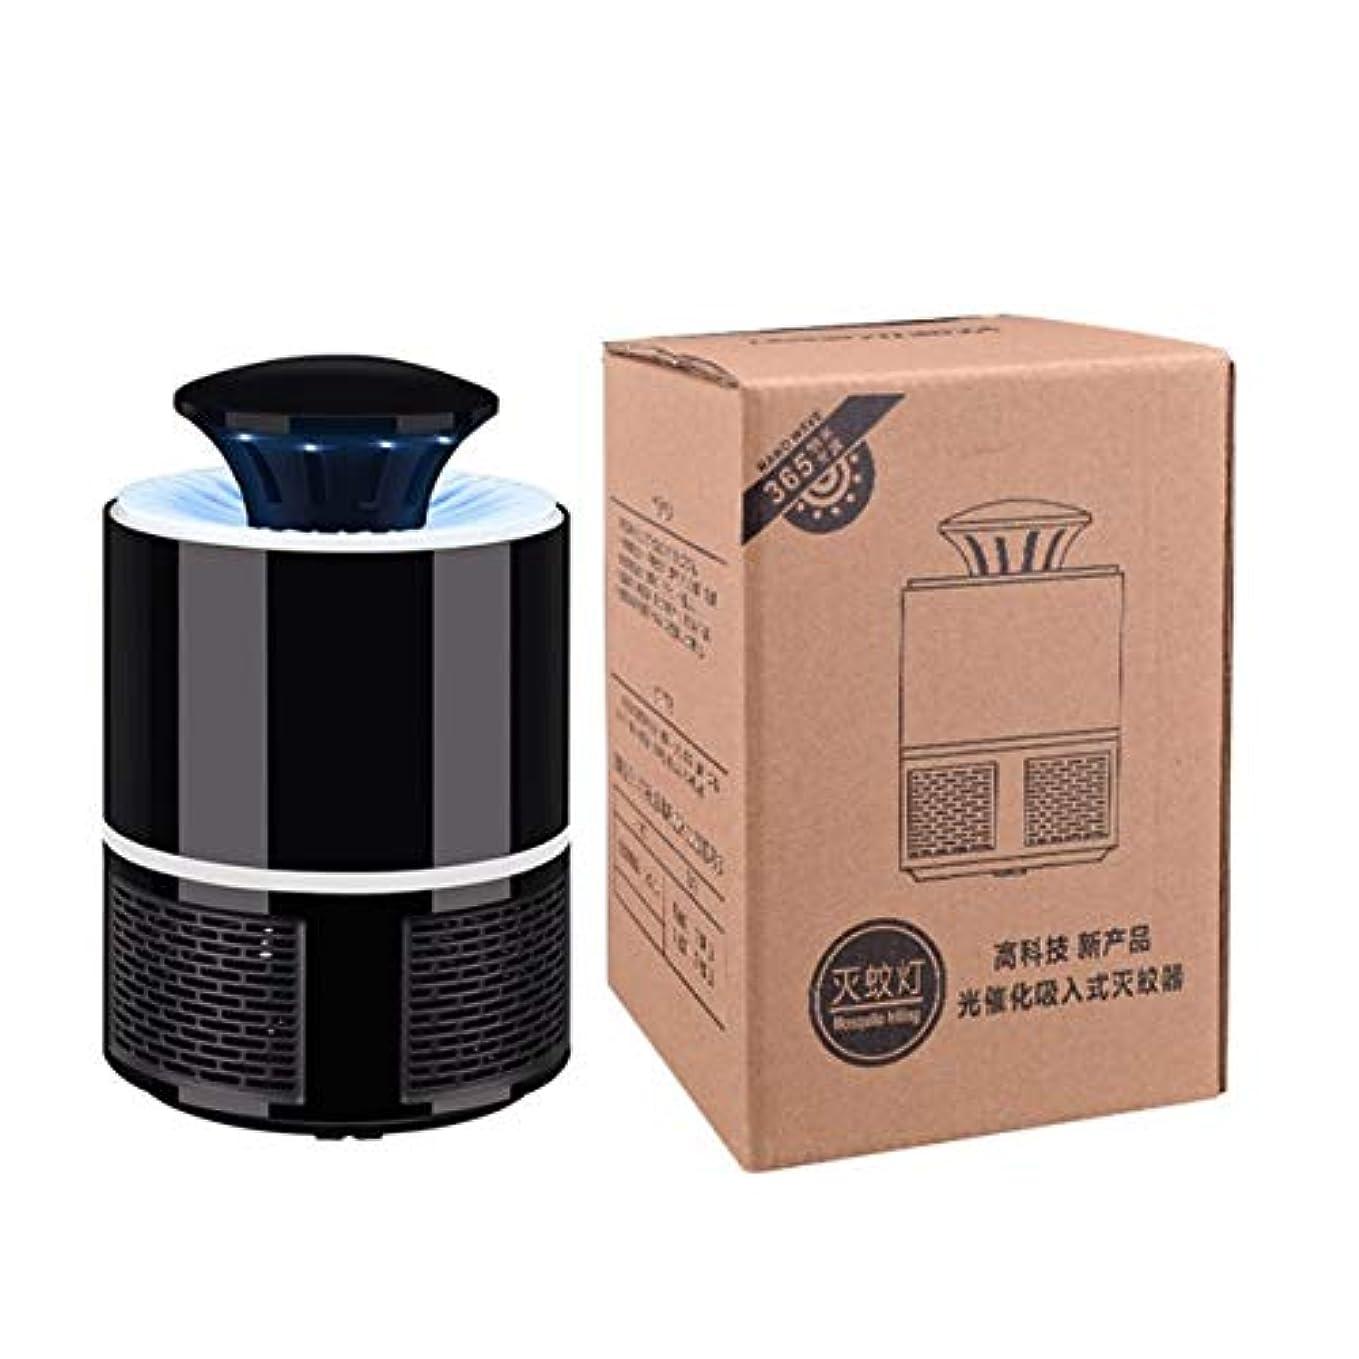 オリエンタルダメージ包括的Saikogoods 吸引ファンを備えた電子モスキートキラー 光触媒の光 バグ昆虫キャッチャー USB電源 非放射線モスキートトラップ 黒